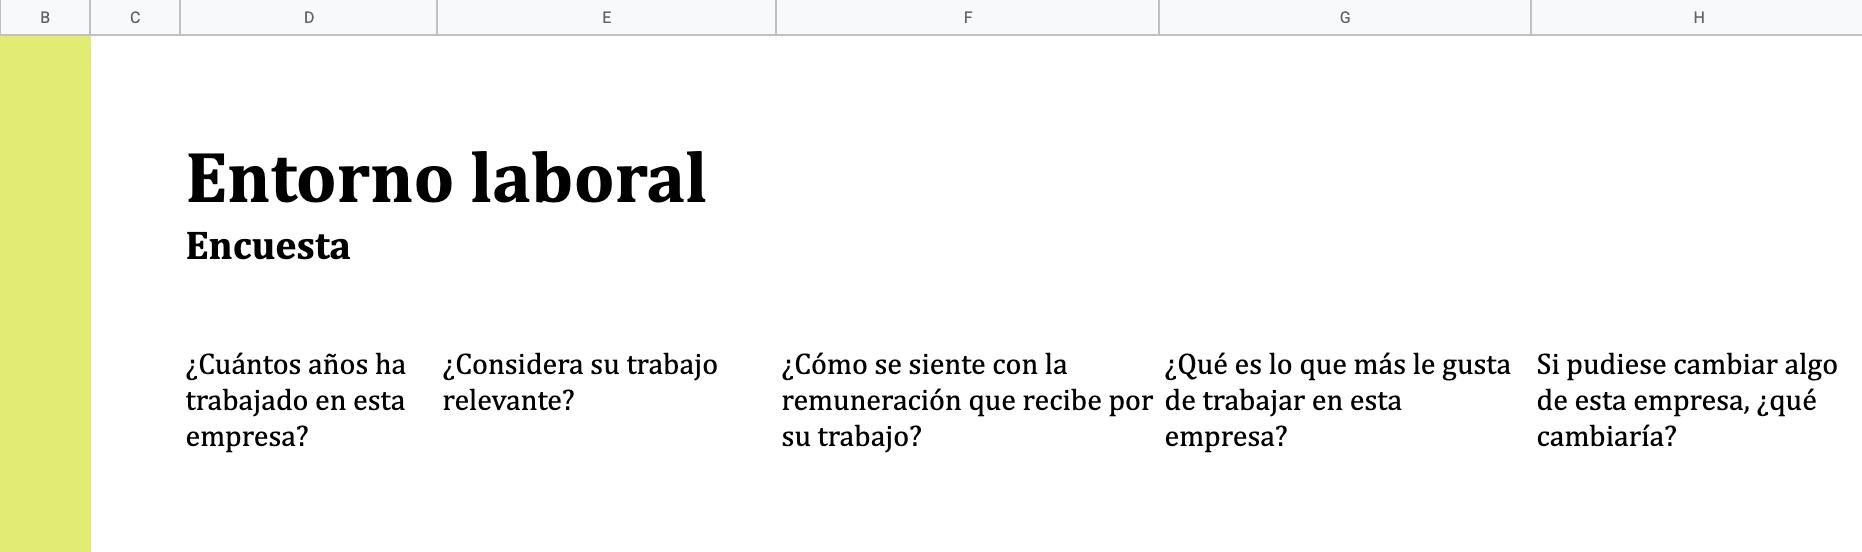 Excel, ejemplo de plantilla de encuesta entorno laboral